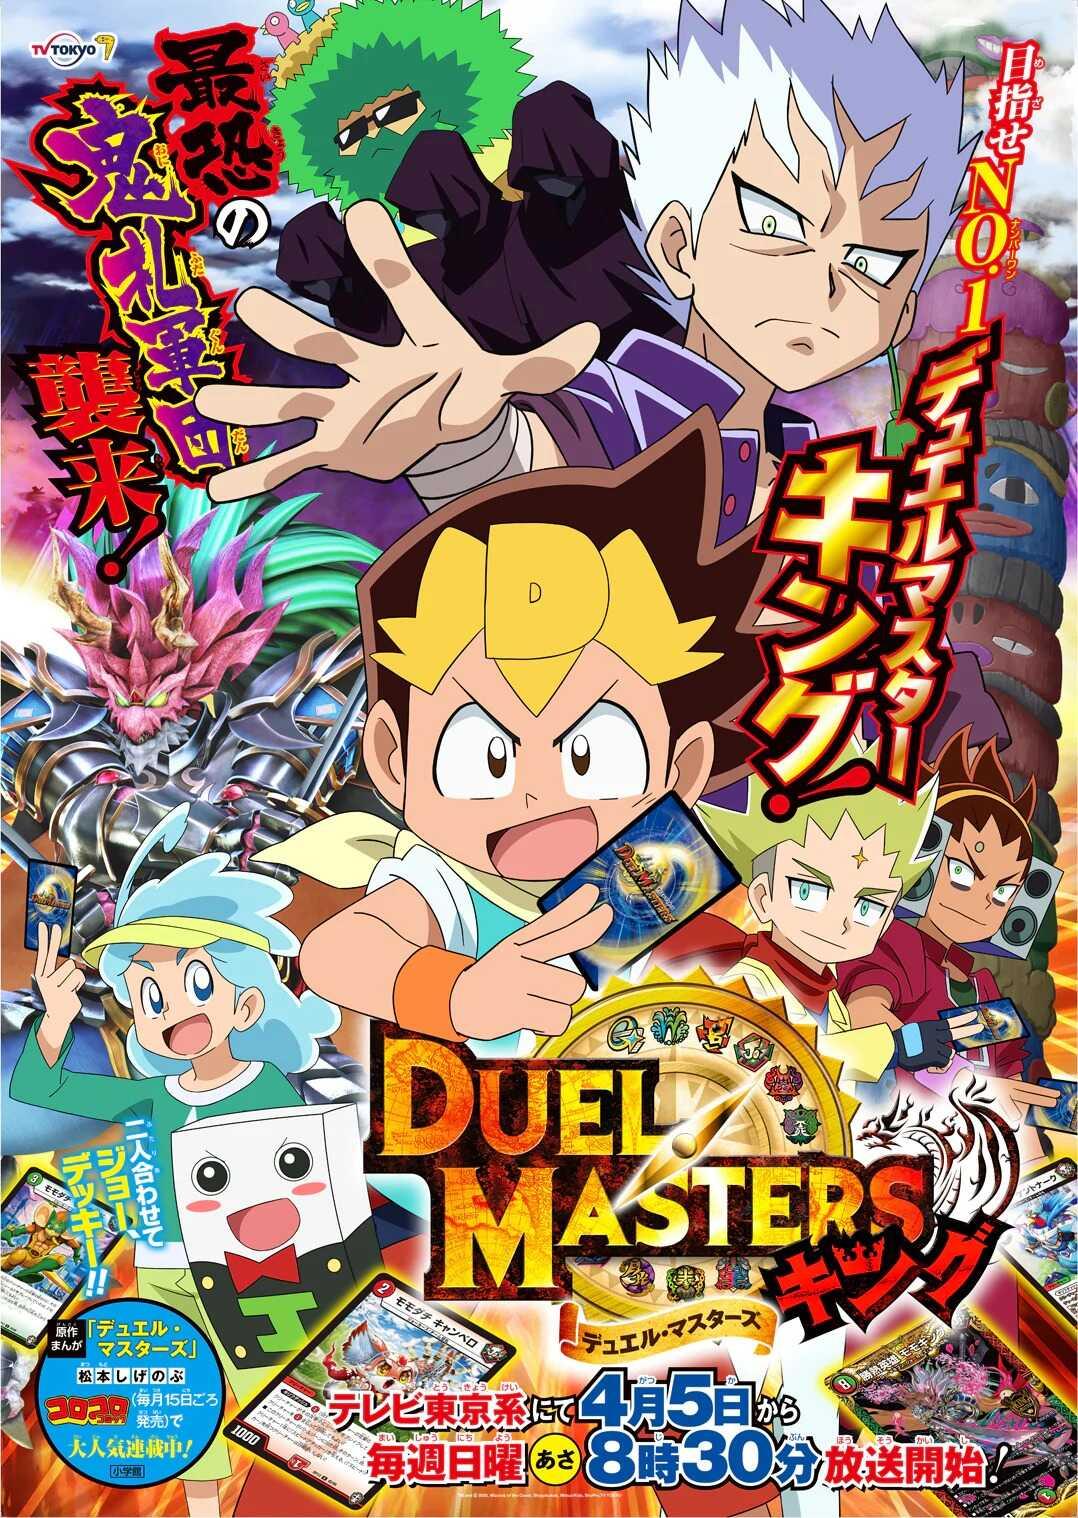 Duel Masters King TV anime fortsætter med ny afsnit